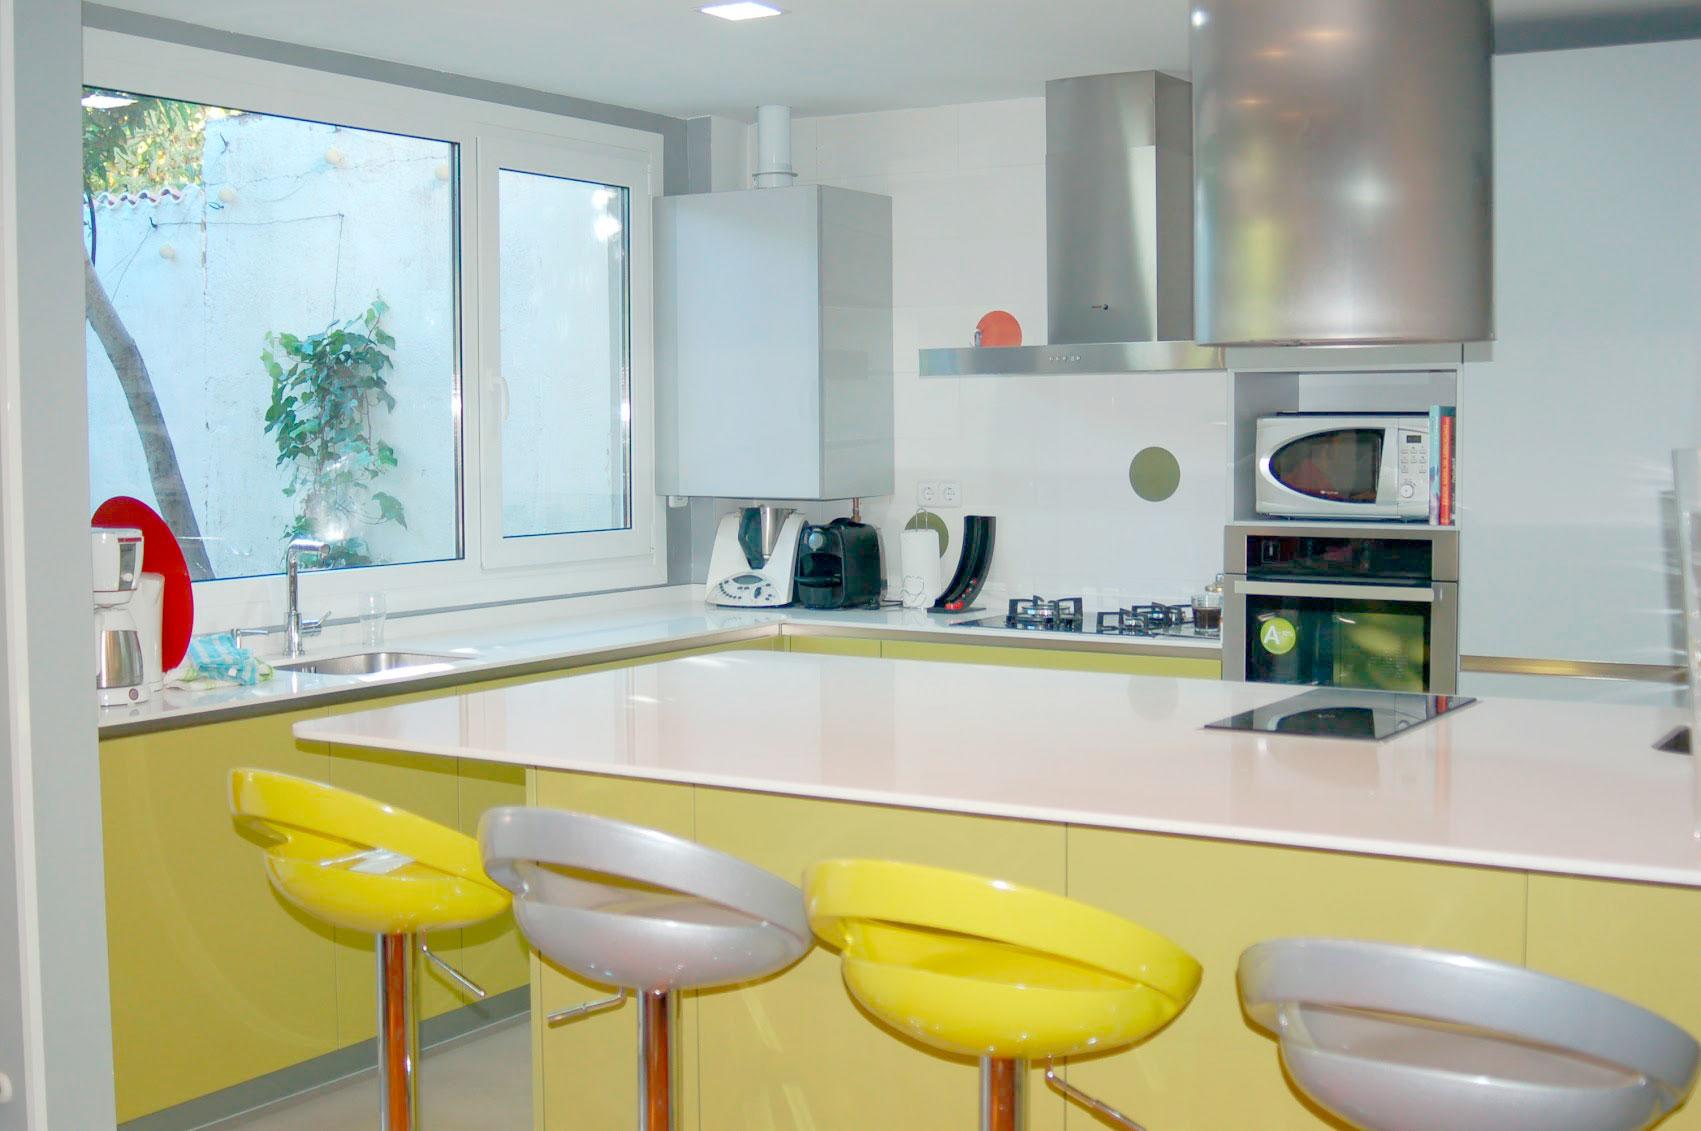 Alquiler de cocina para grabar programas, spots